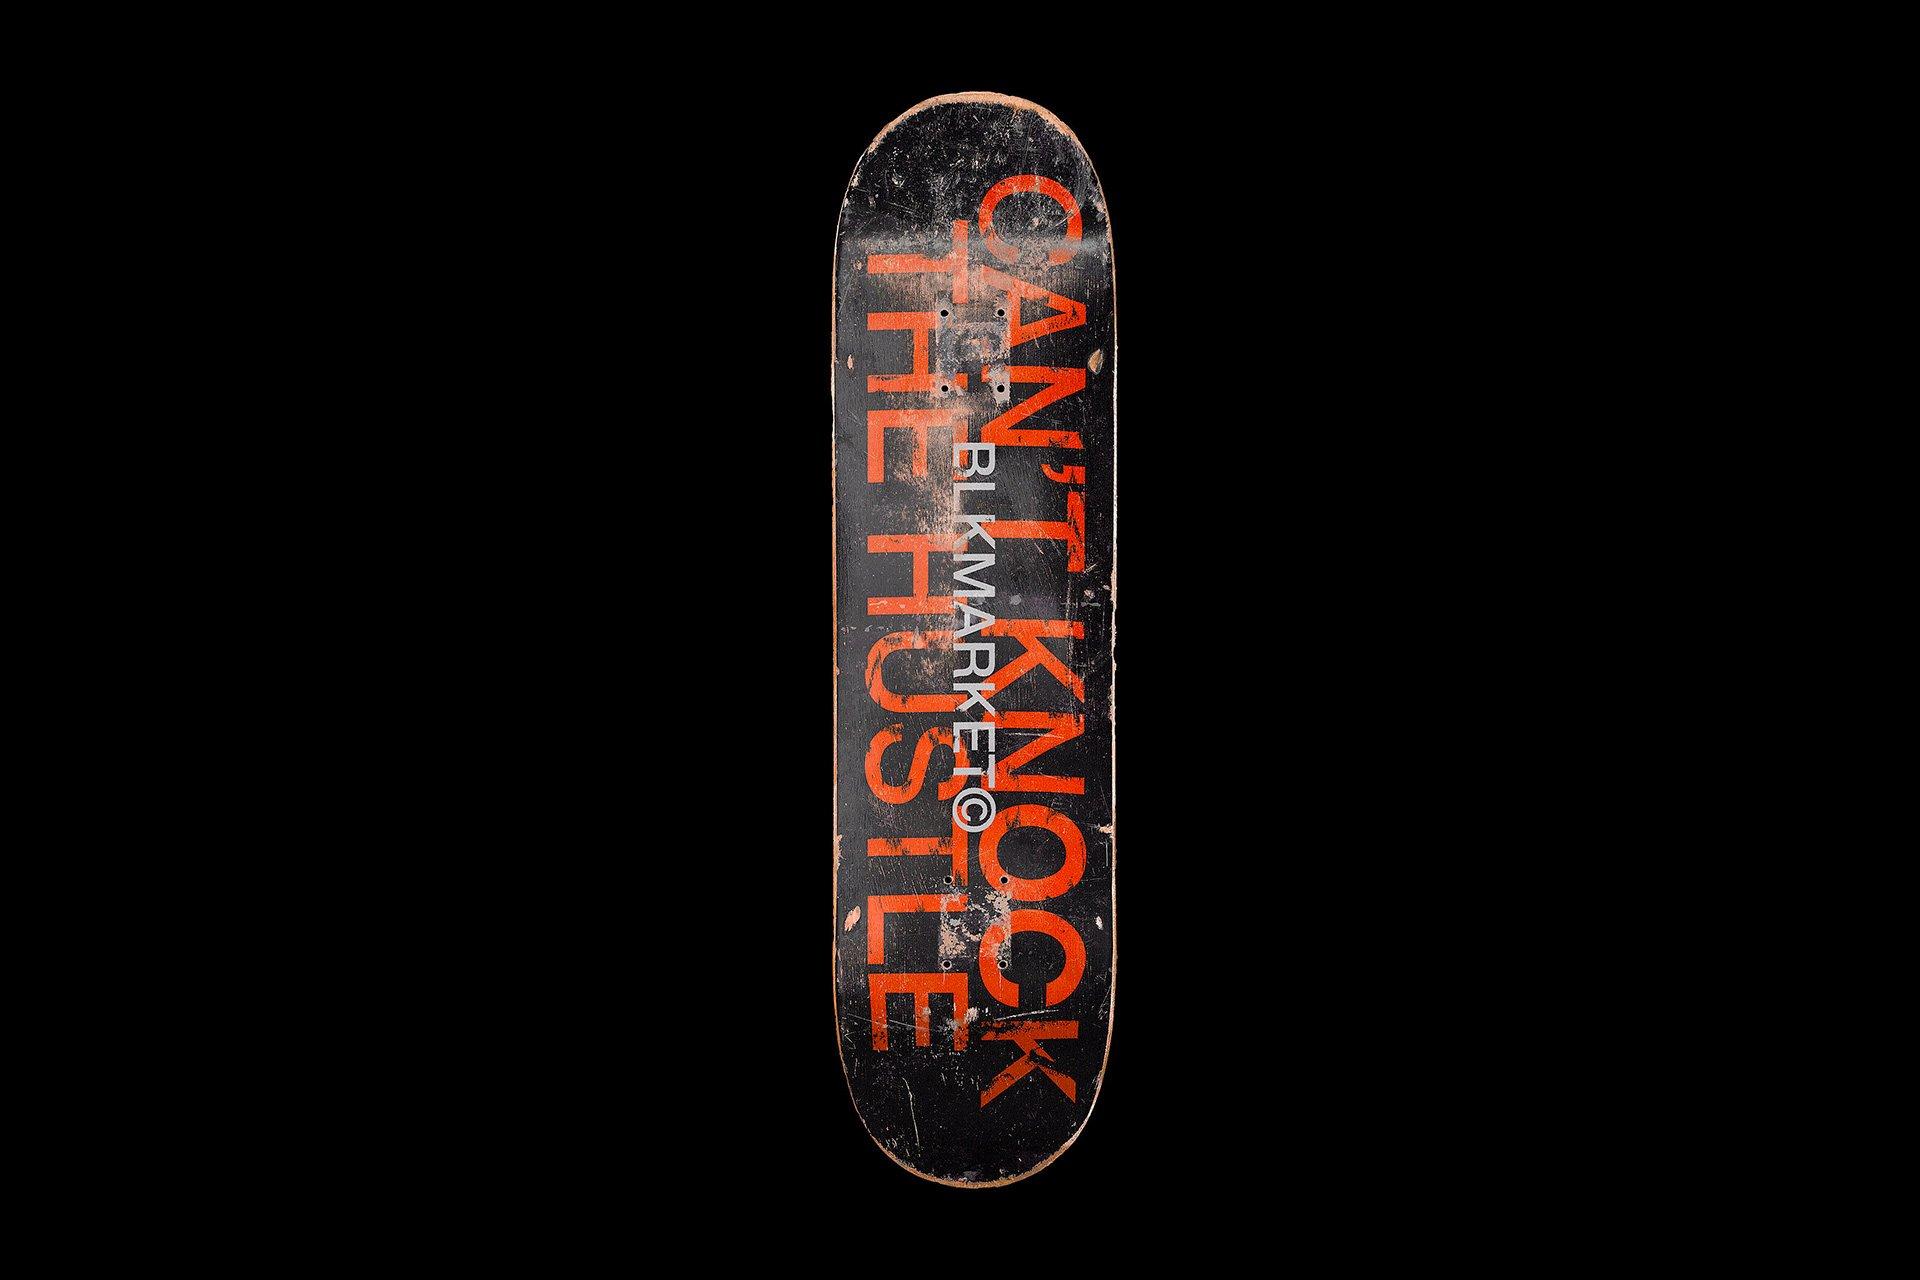 滑板产品外观设计展示样机PSD模板素材 4K Skateboard Mockup插图(1)